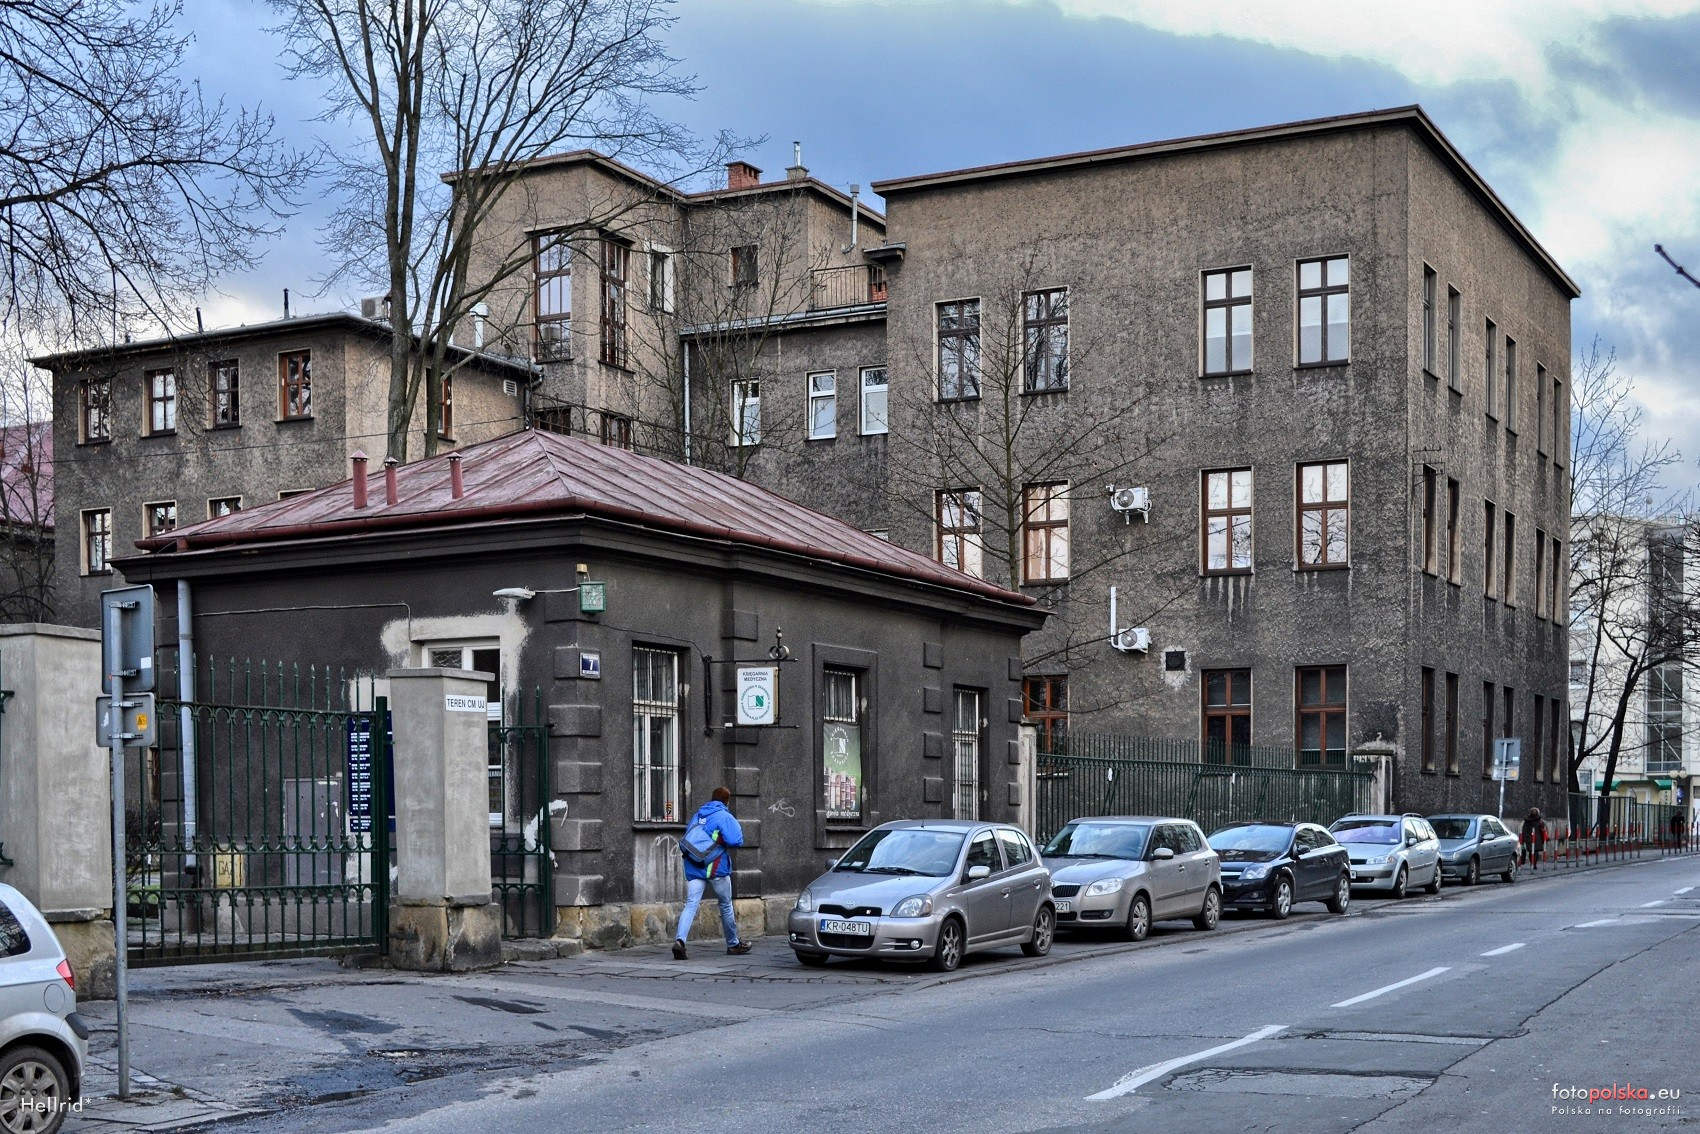 Krakow Katedra Biochemii Lekarskiej Uj Zdjecia Mapa